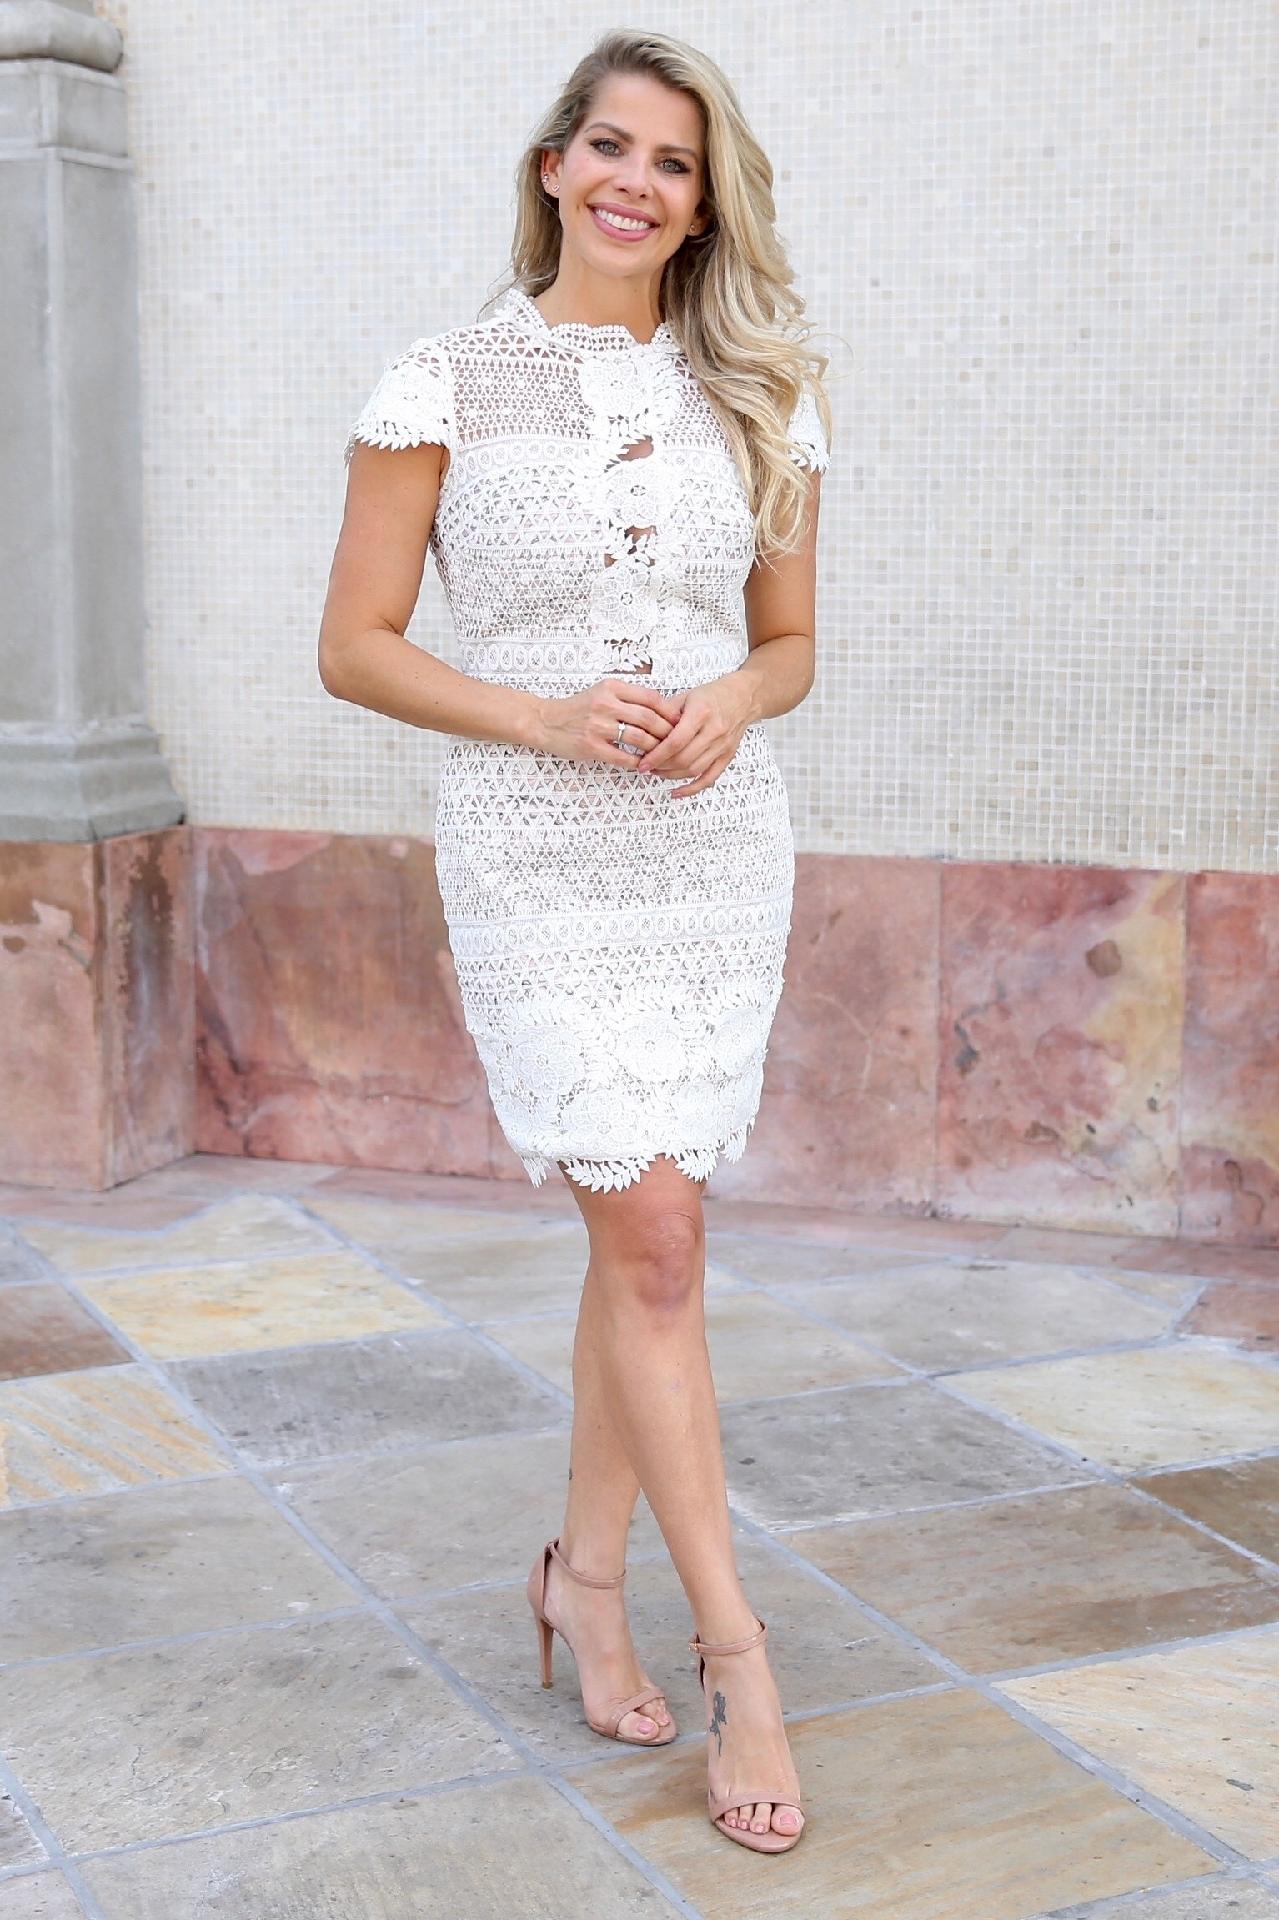 9d62960db Vestido de renda branca é escolha de Karina Bacchi; repita por R$ 438 -  23/08/2018 - UOL Universa